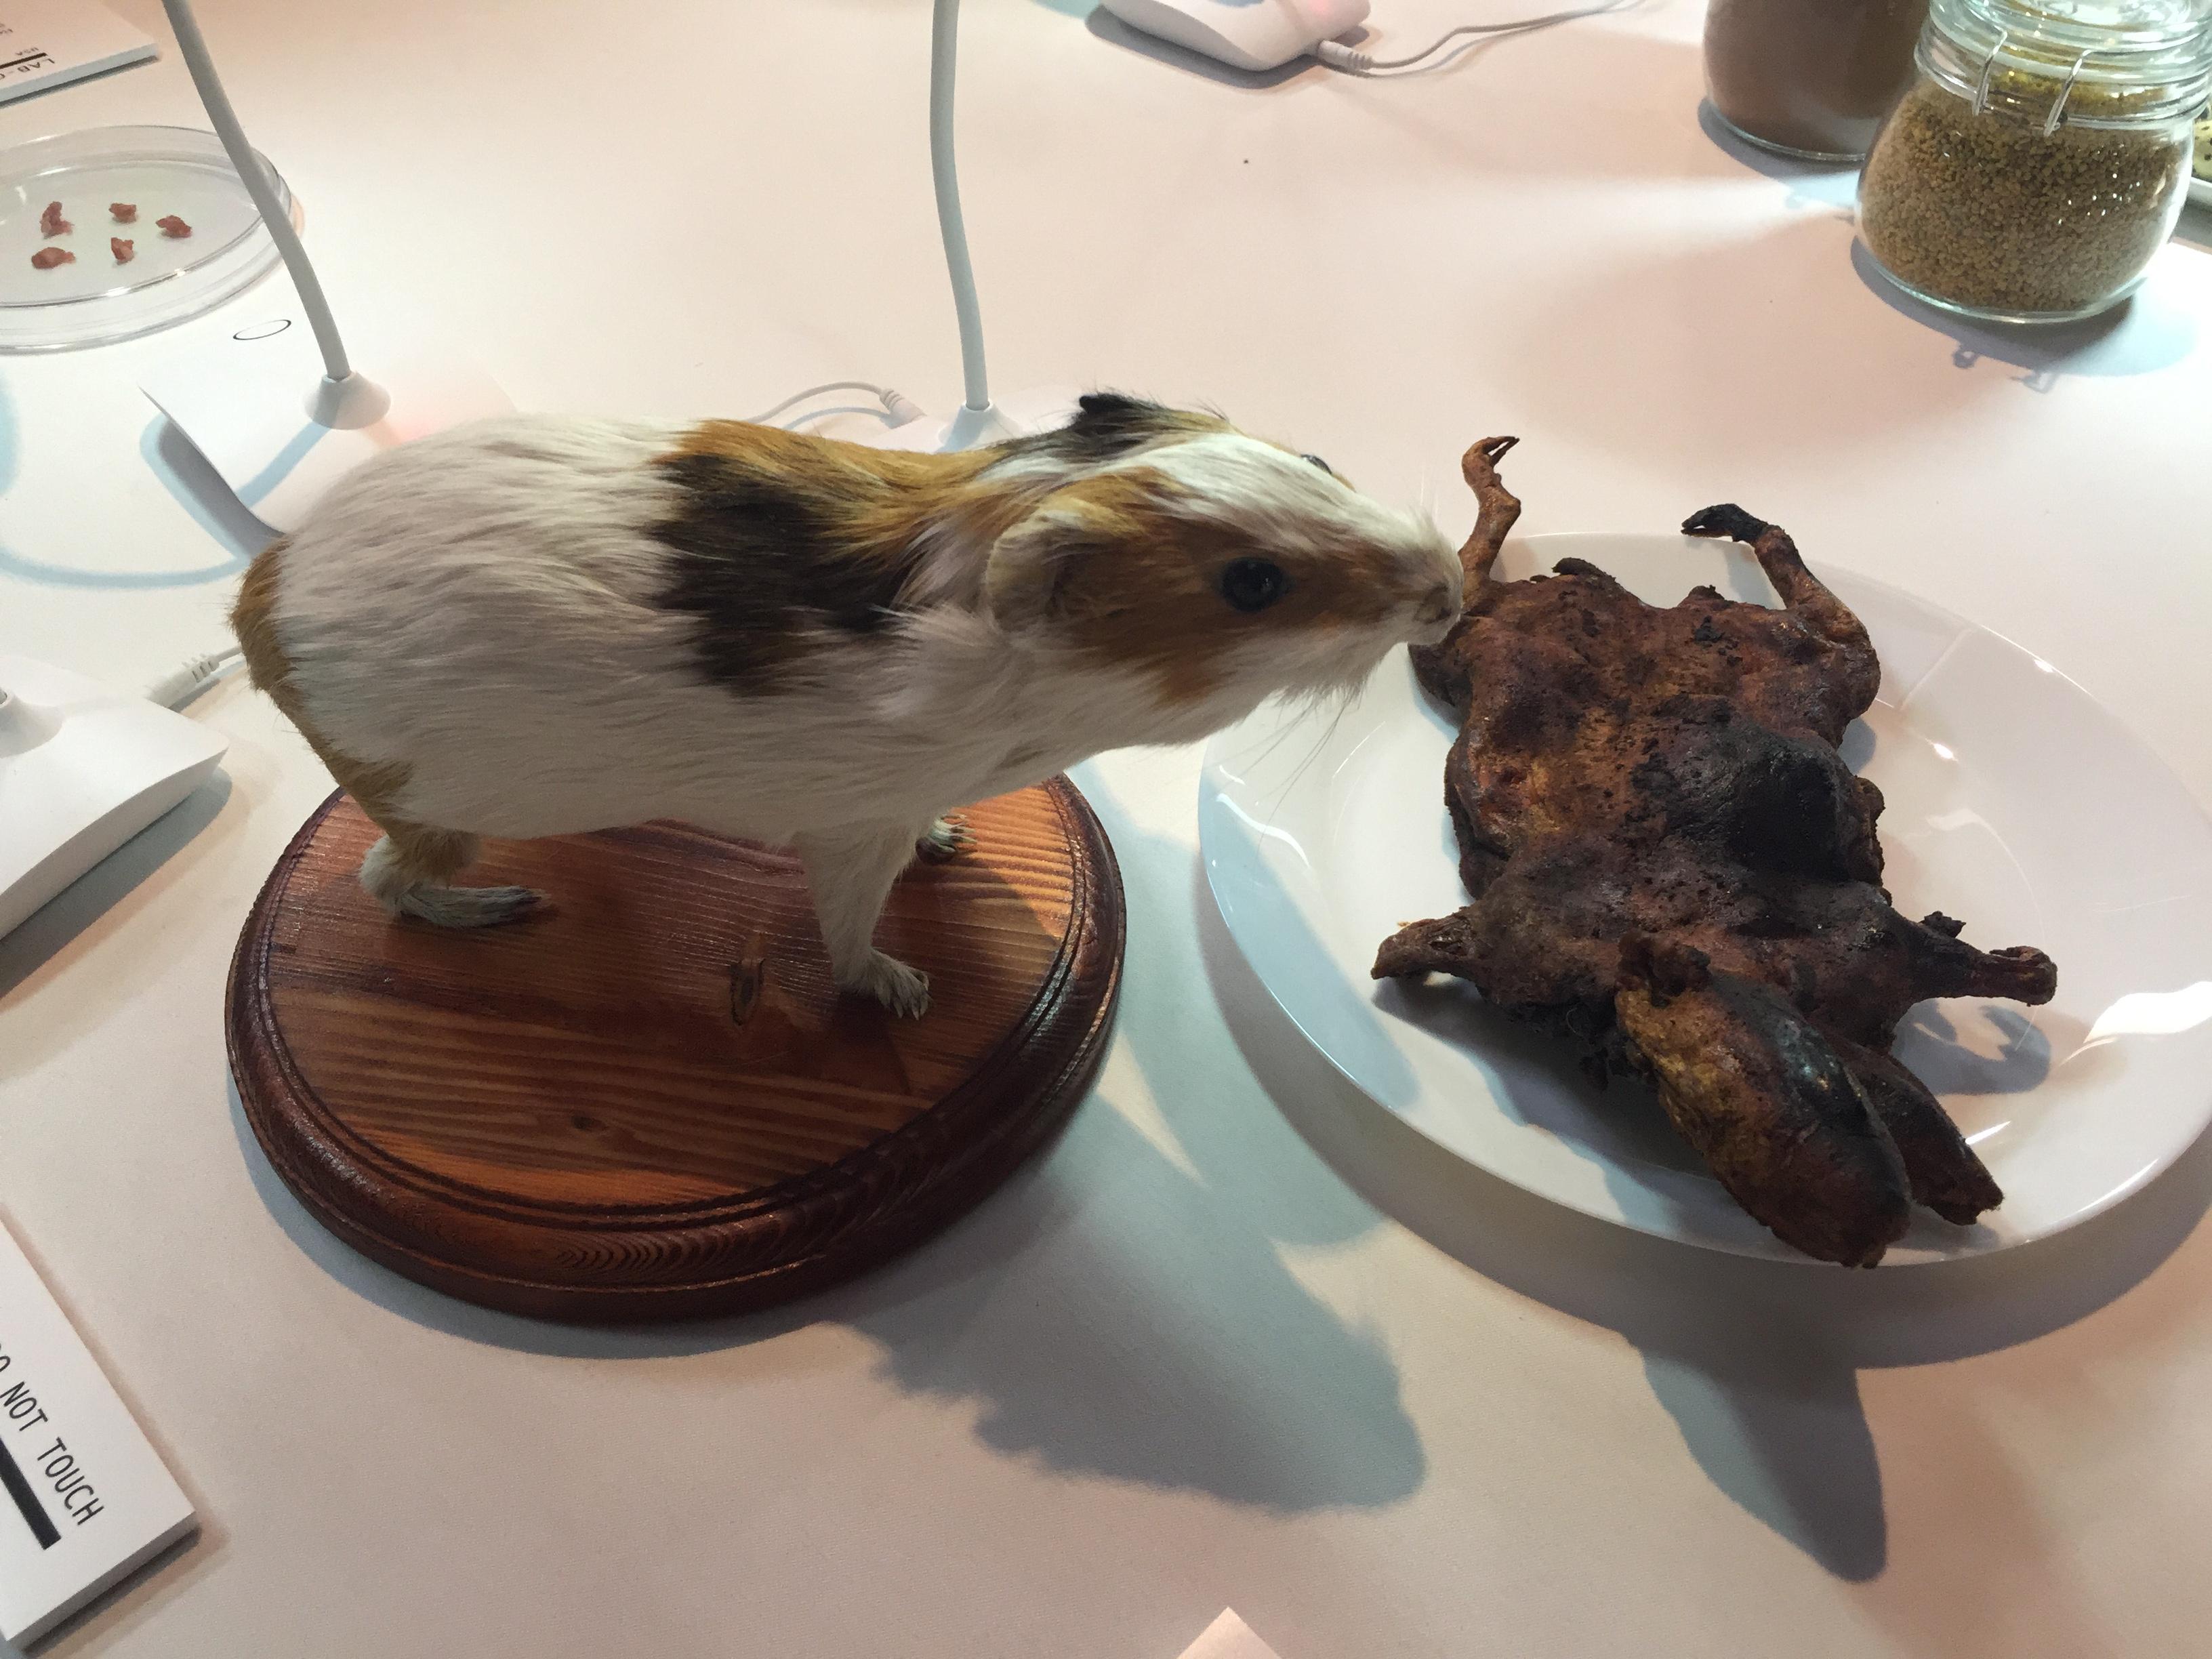 El Cuy o guinea pig es muy apreciado en Perú y los países andinos. (Araceli Martínez/La Opinión).